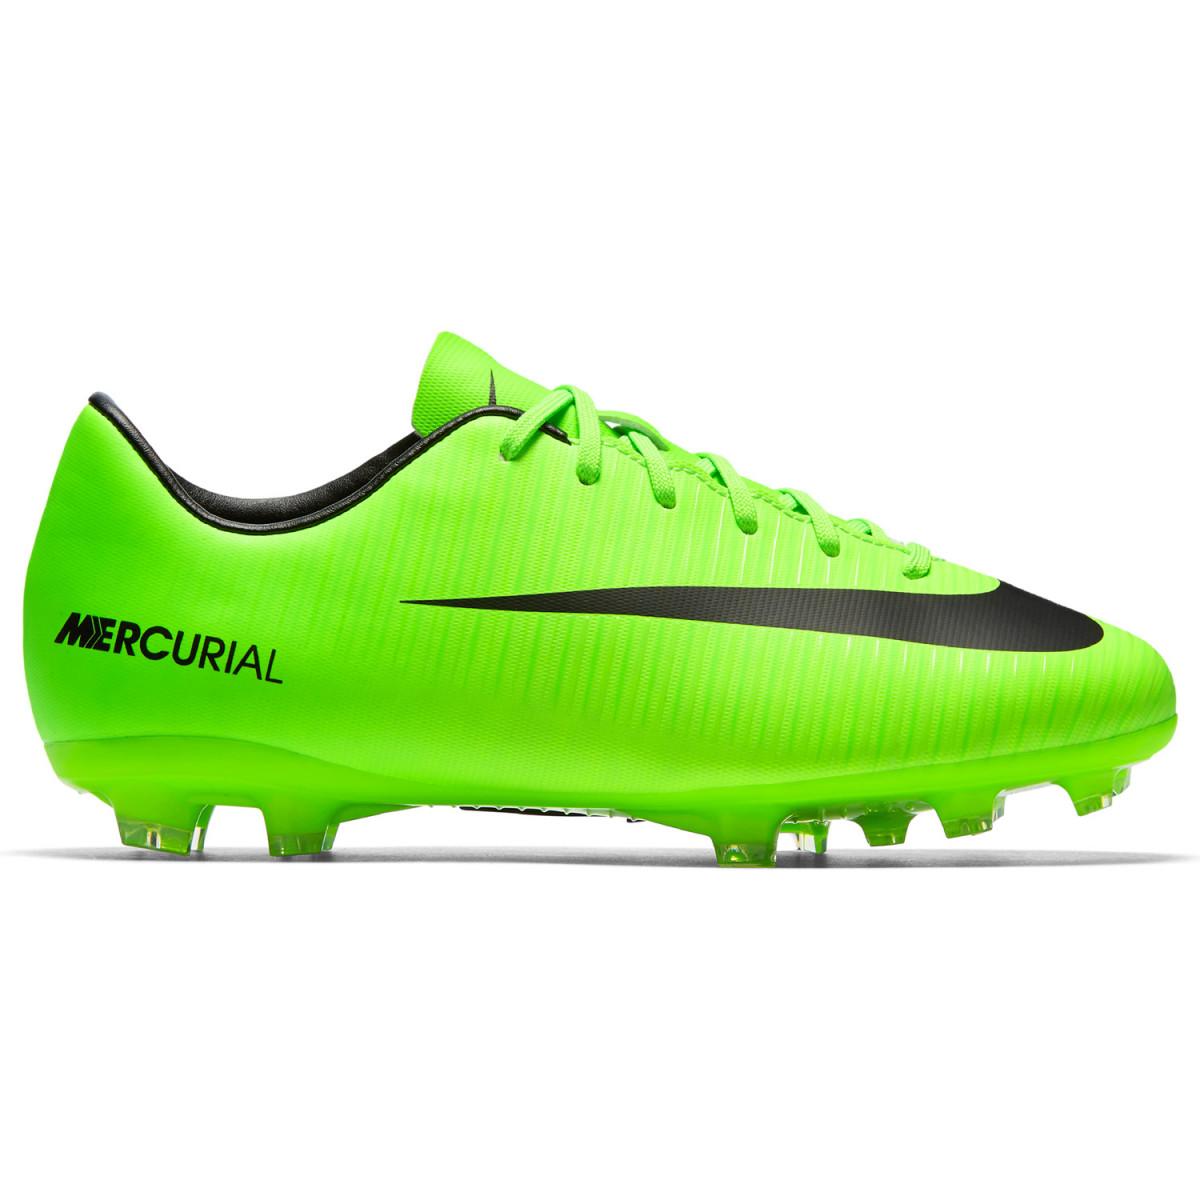 eb76add565 Botines Nike Mercurial Vapor VI Fg Jr - Botines - Niños